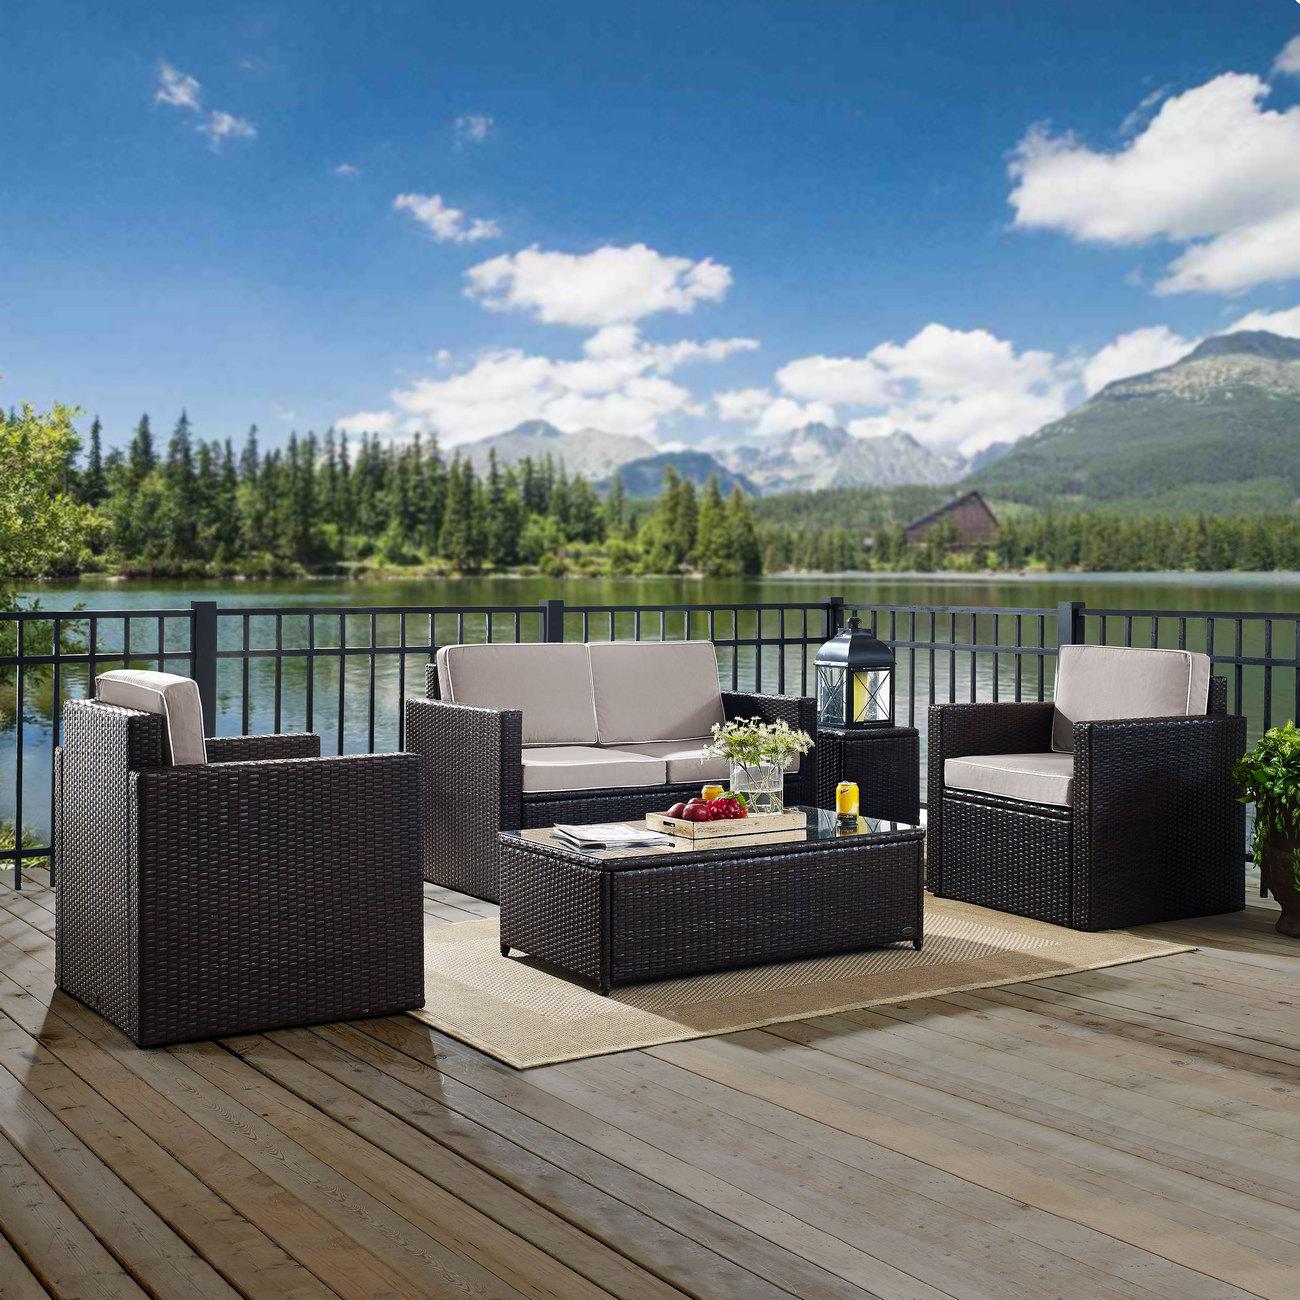 Crosley Brands Furniture Conversation Set Outdoor Wicker Photo